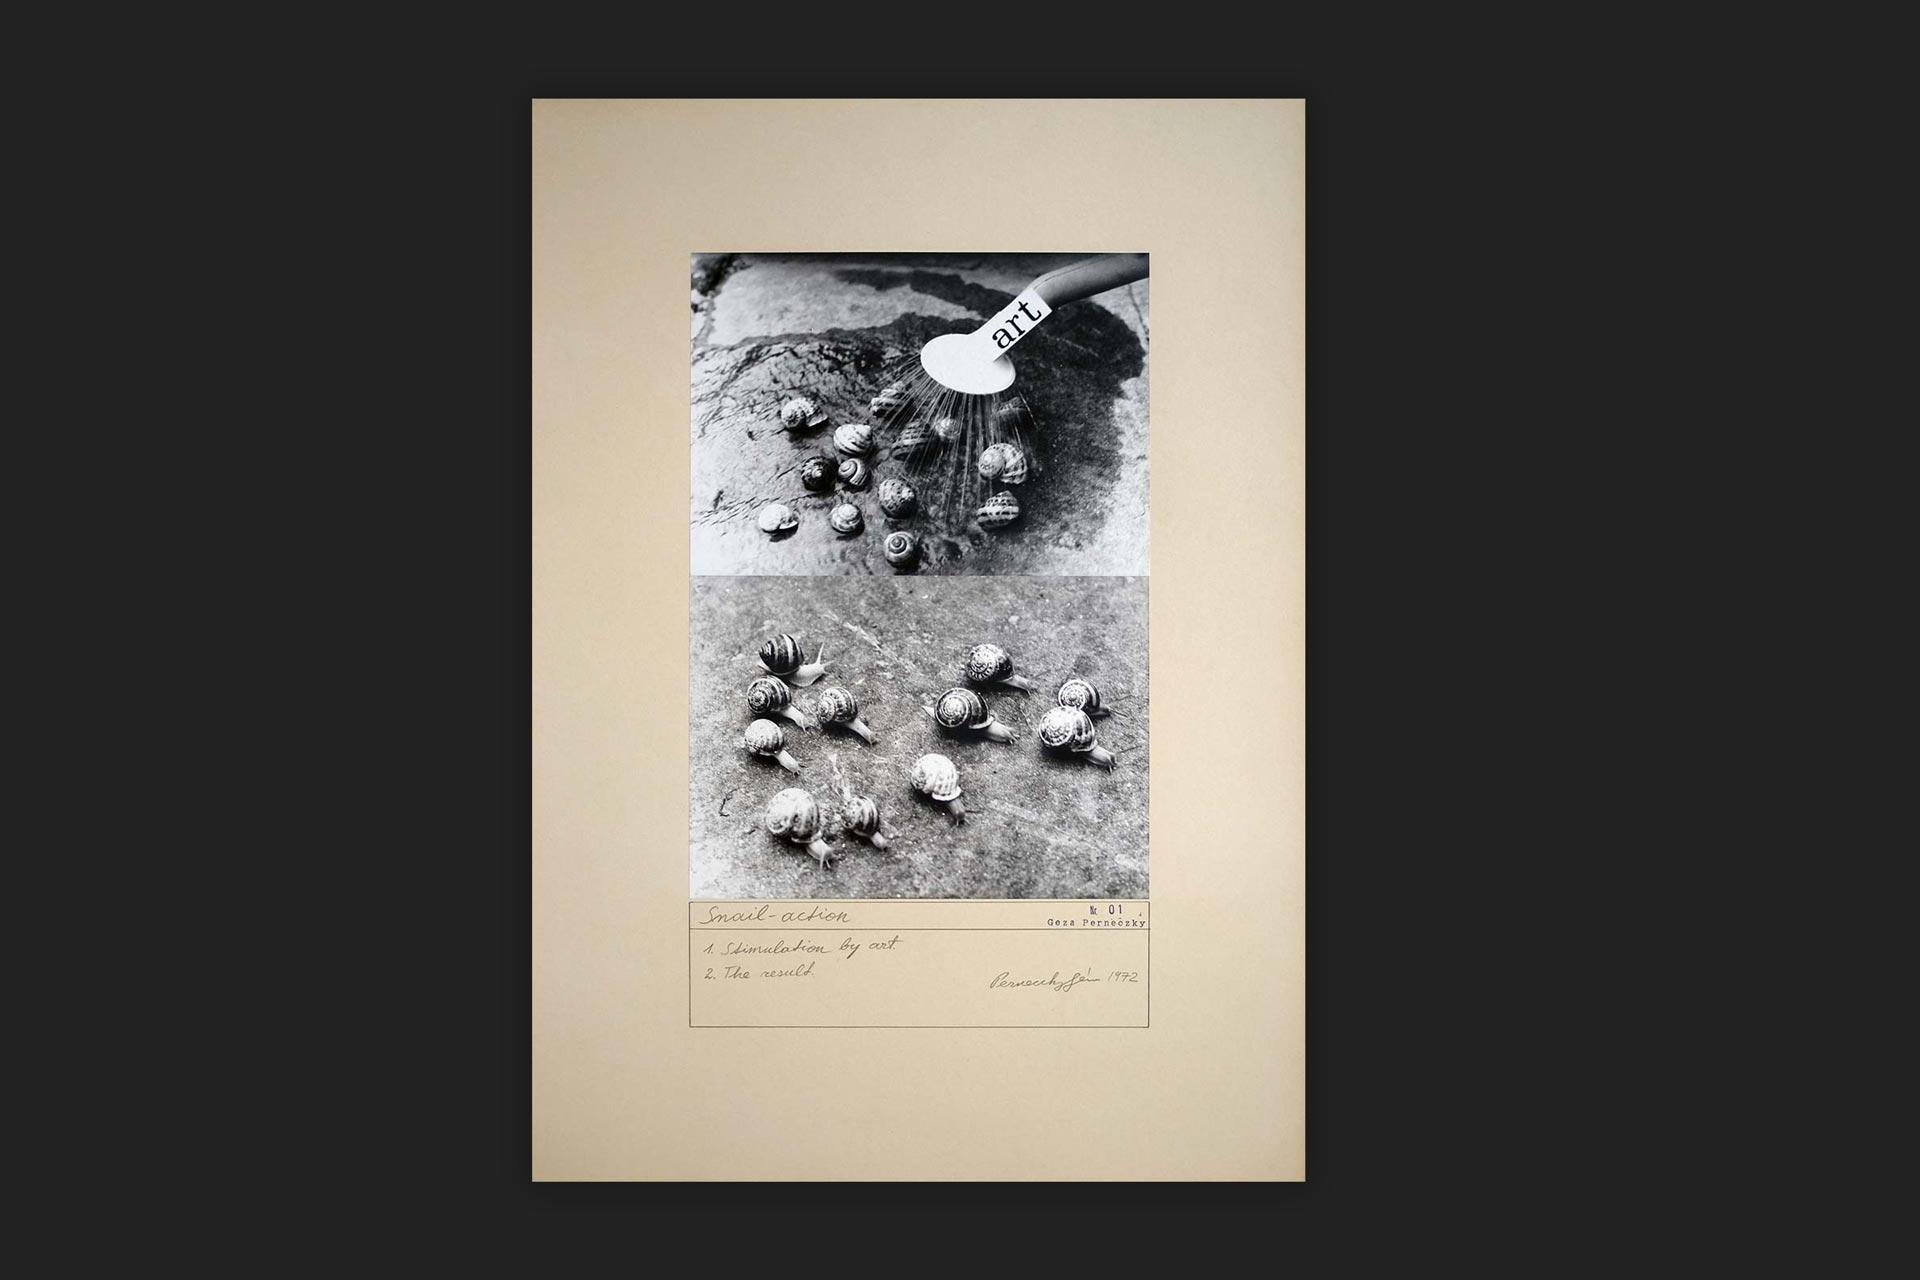 Géza Perneczky, Snail Action, 1971, Acquisition